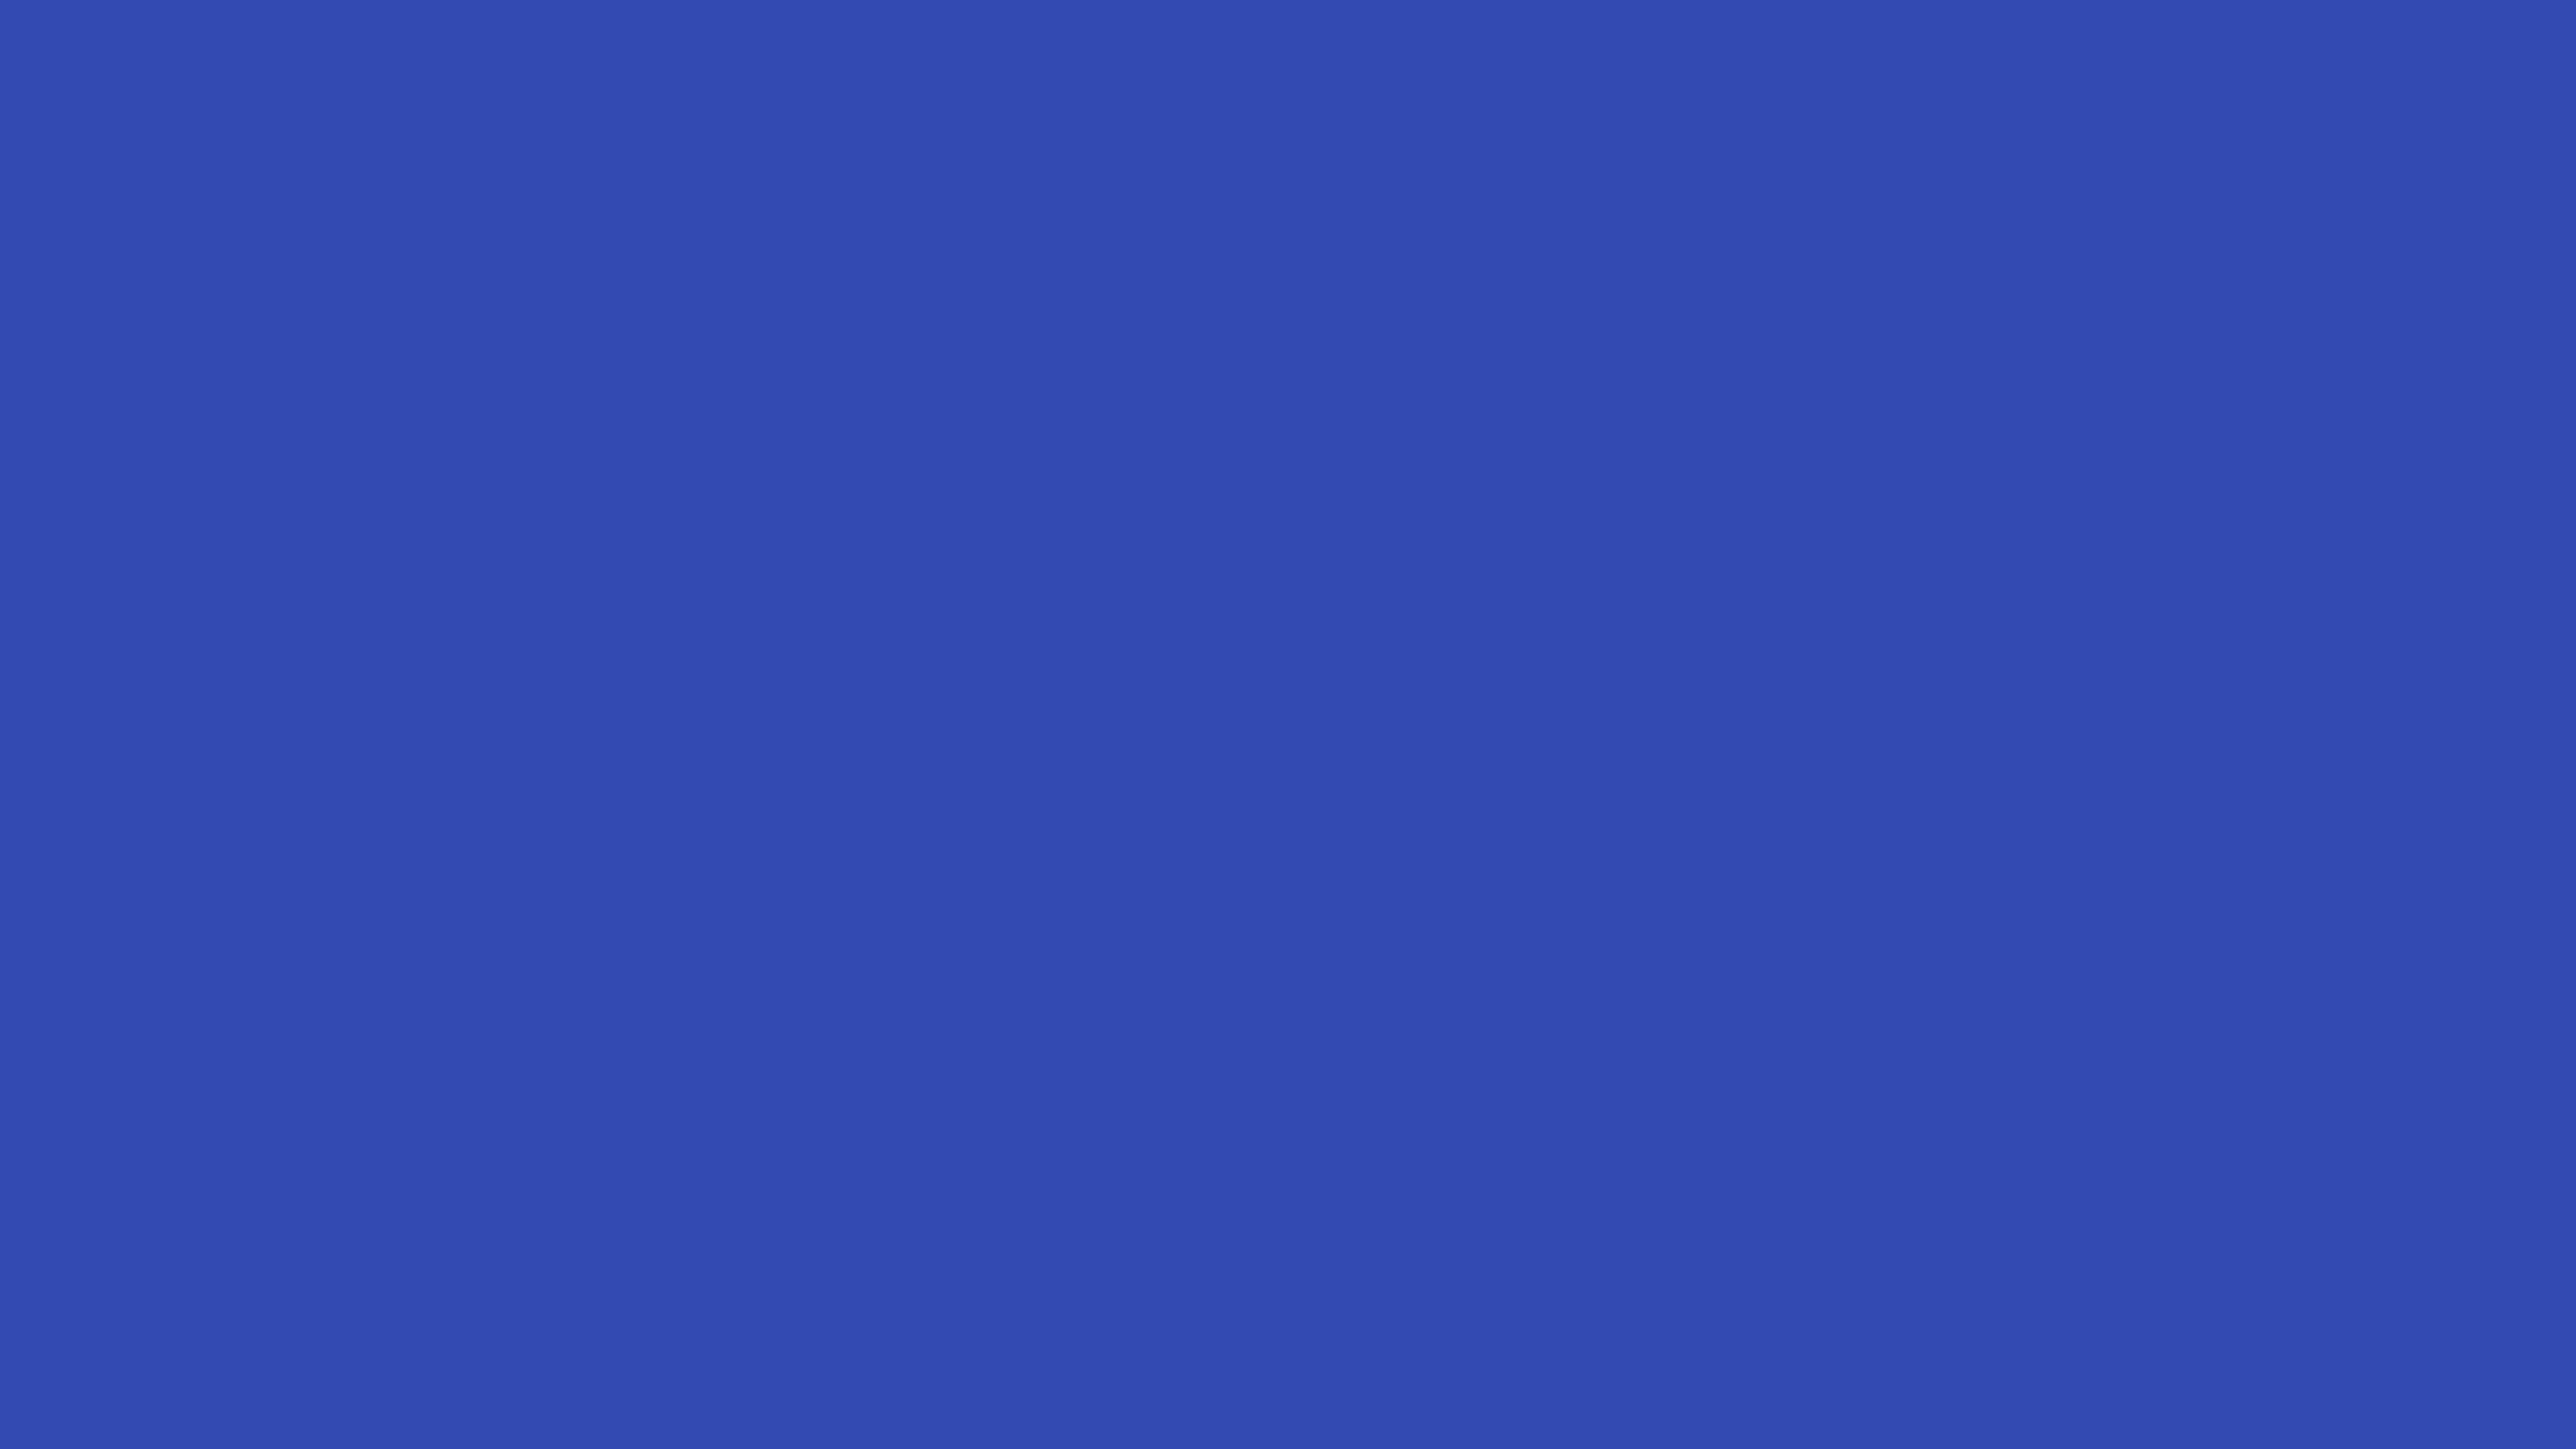 4096x2304 Violet-blue Solid Color Background